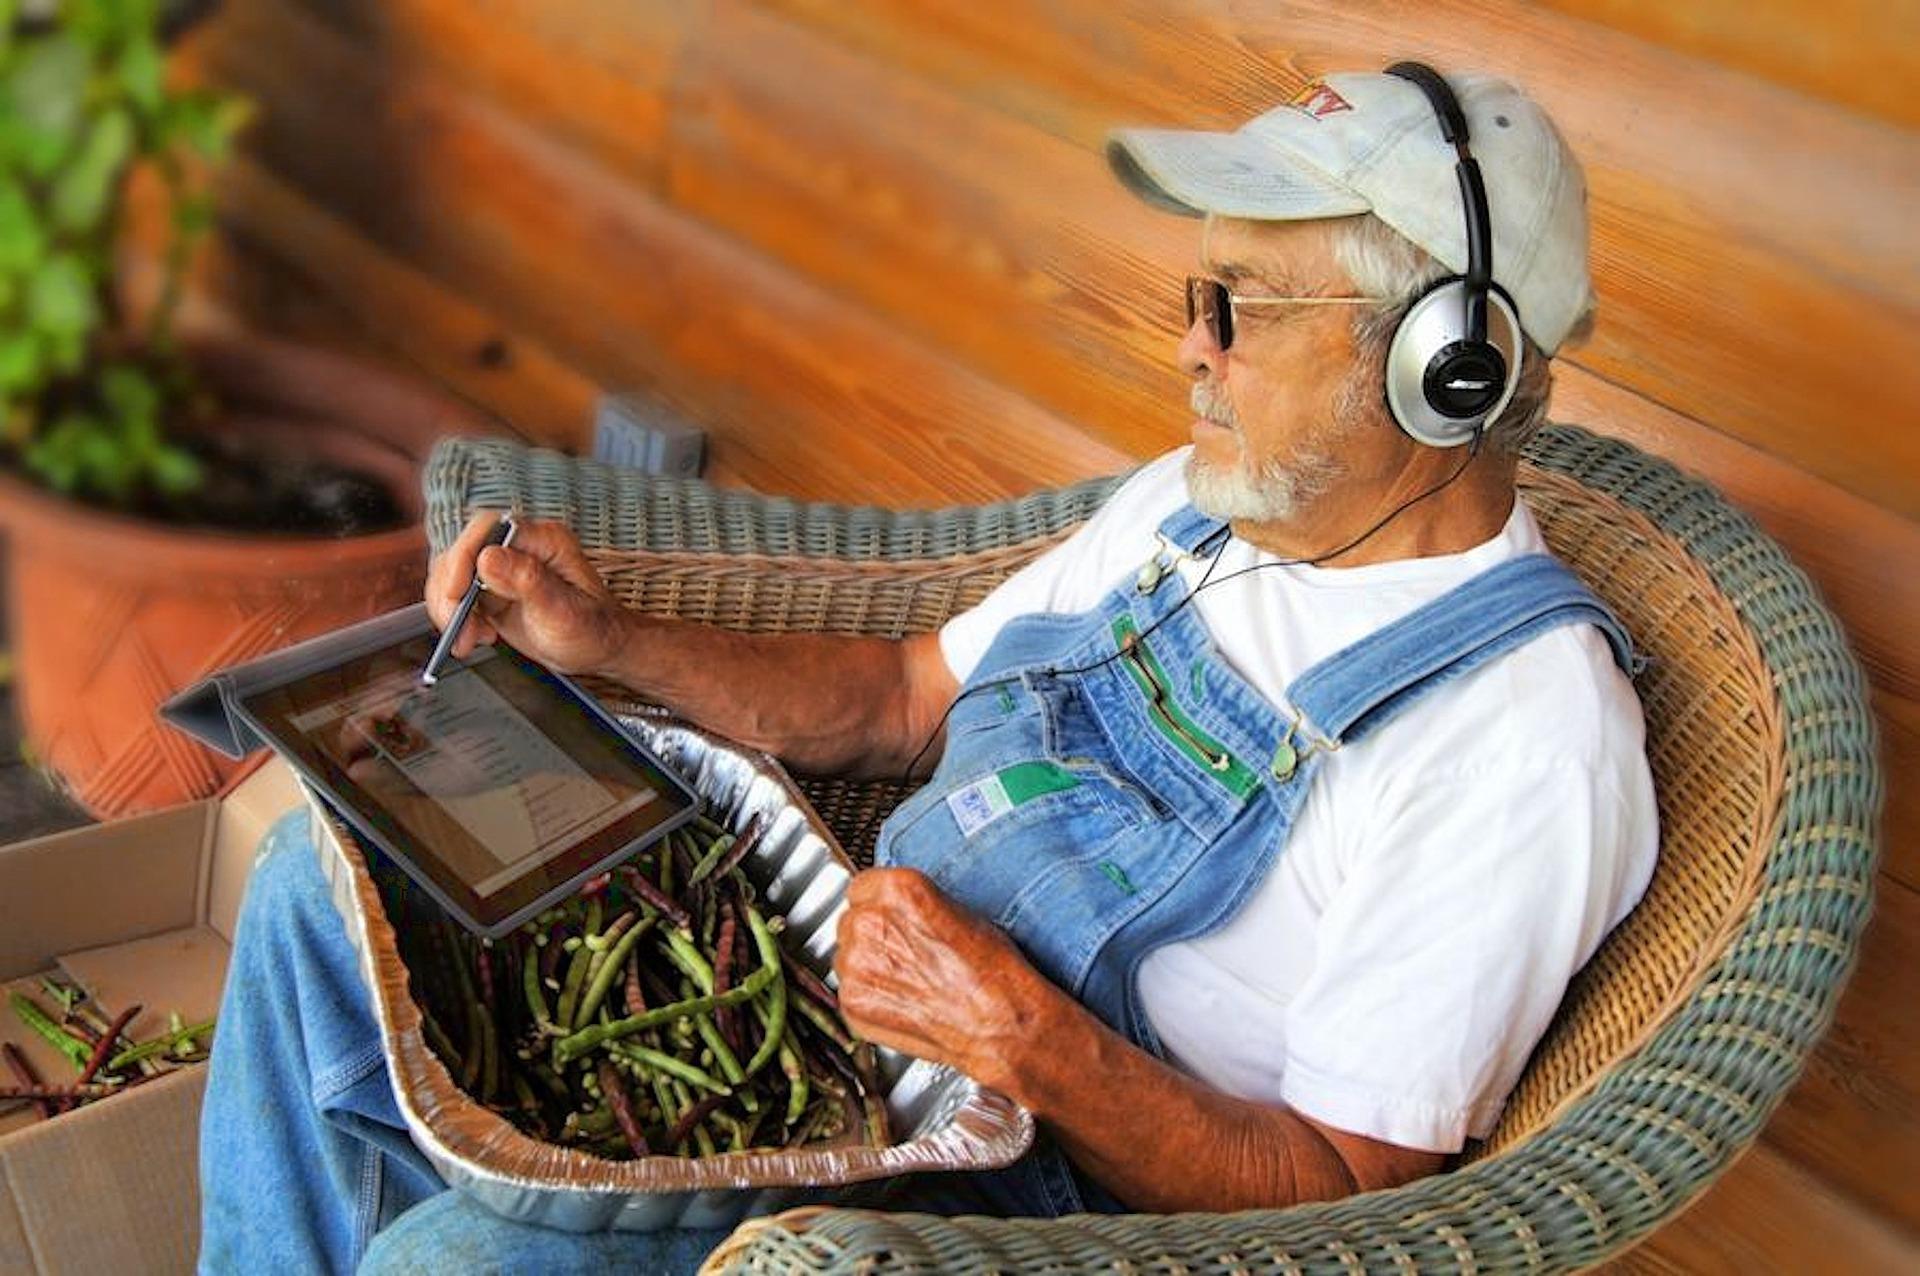 Senioren: Gegen Langweile helfen Podcasts